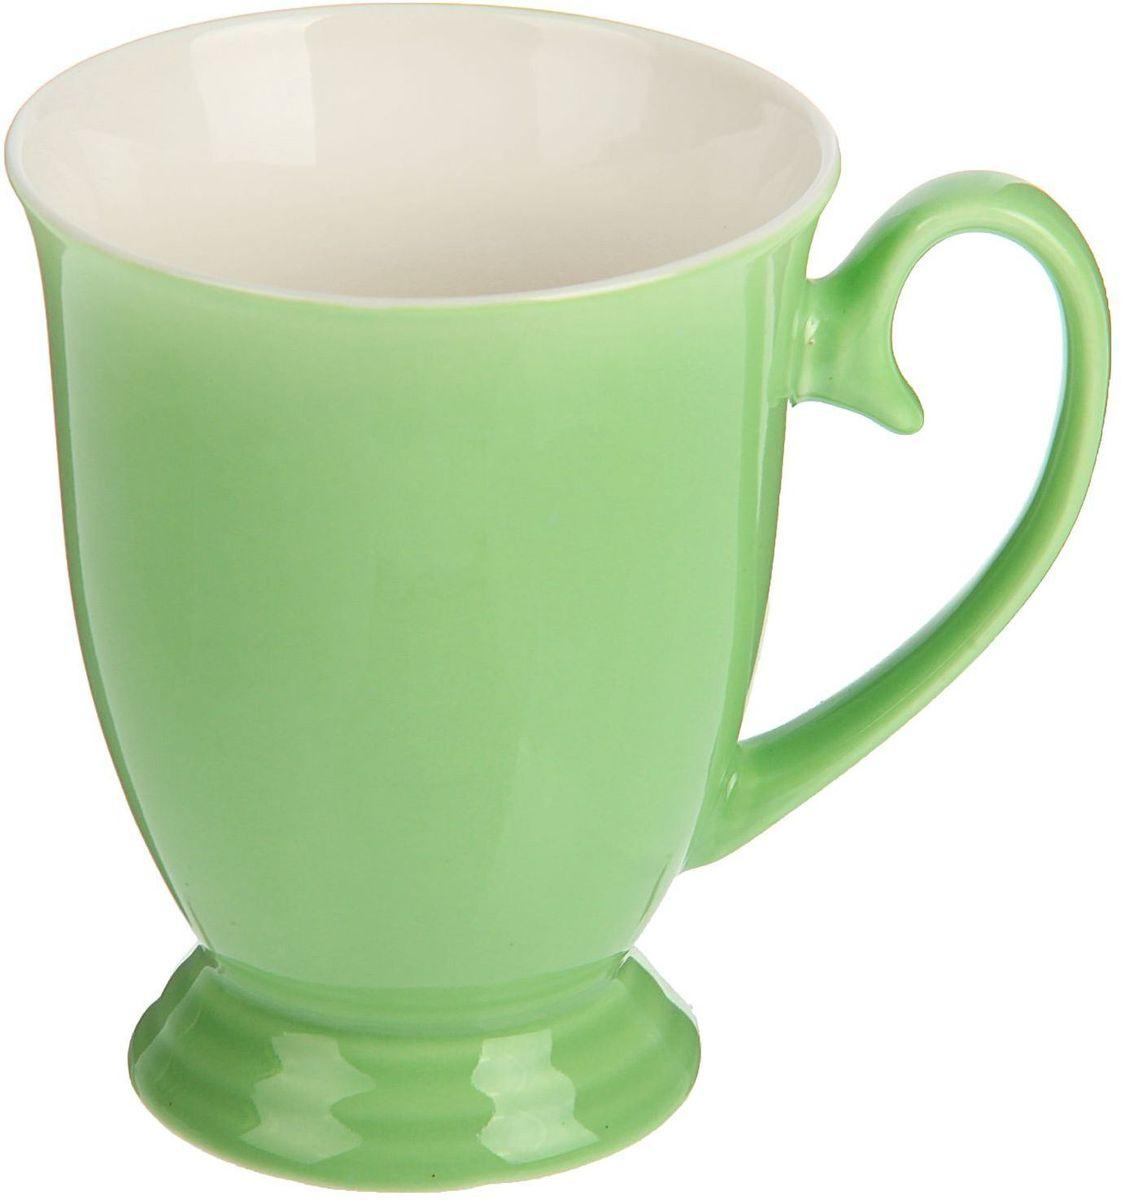 Кружка Доляна Венеция, цвет: зеленый, 300 мл1625304Кружка Доляна Венеция изготовлена из керамики.Кружка станет отличным подарком для родных и близких. Это любимый аксессуар на долгие годы. Относитесь к изделию бережно, и оно будет дарить прекрасное настроение каждый день.